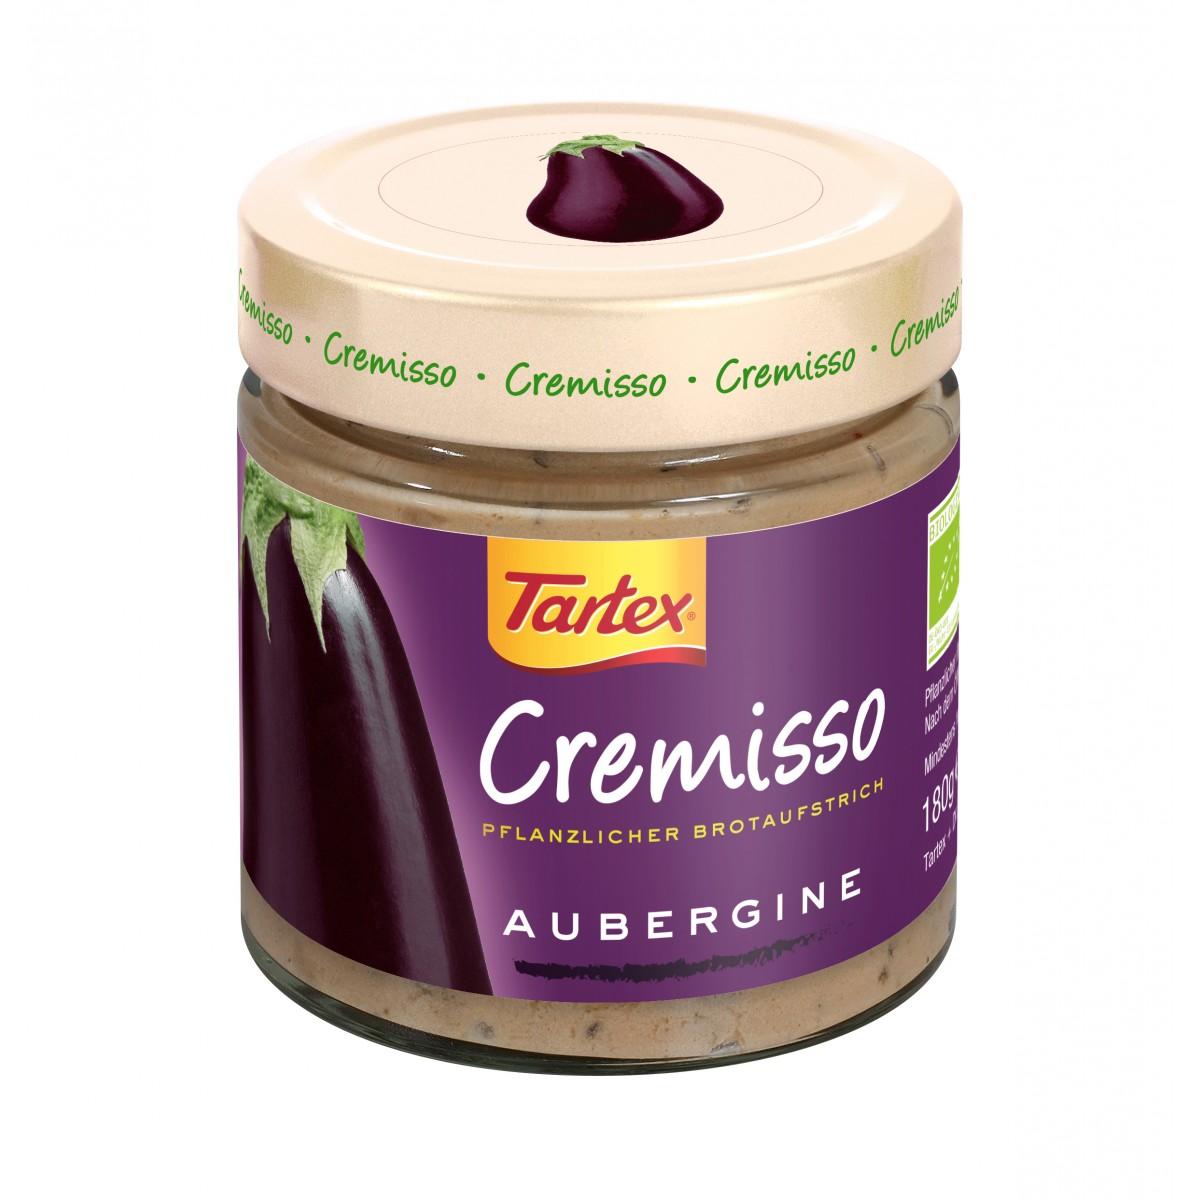 Cremisso Aubergine